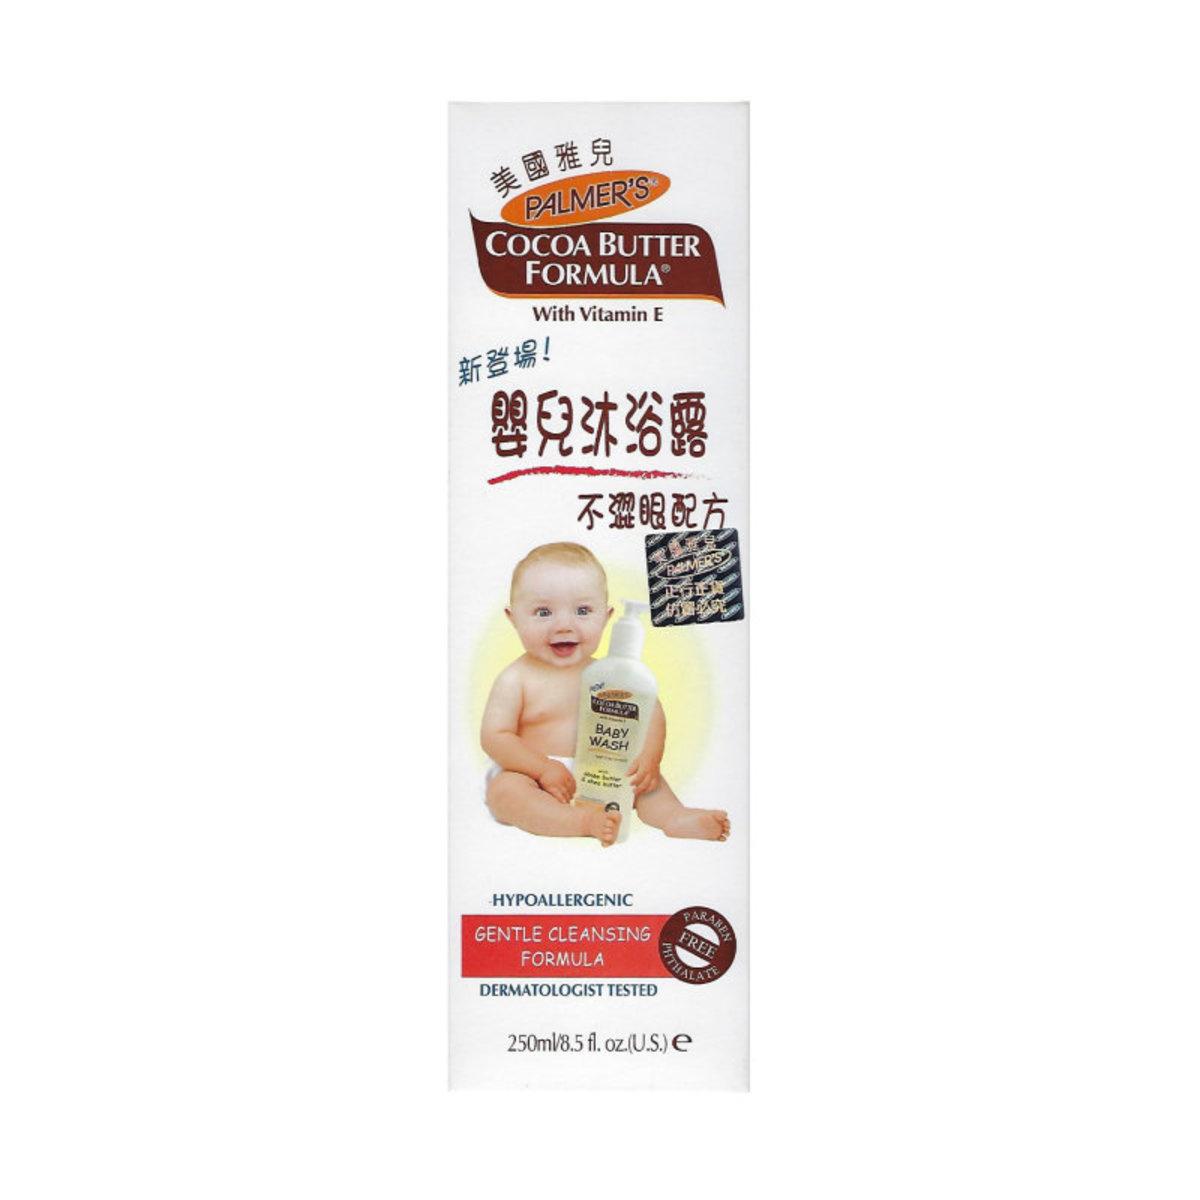 不澀眼配方嬰兒沐浴露 250ml (010181040474)